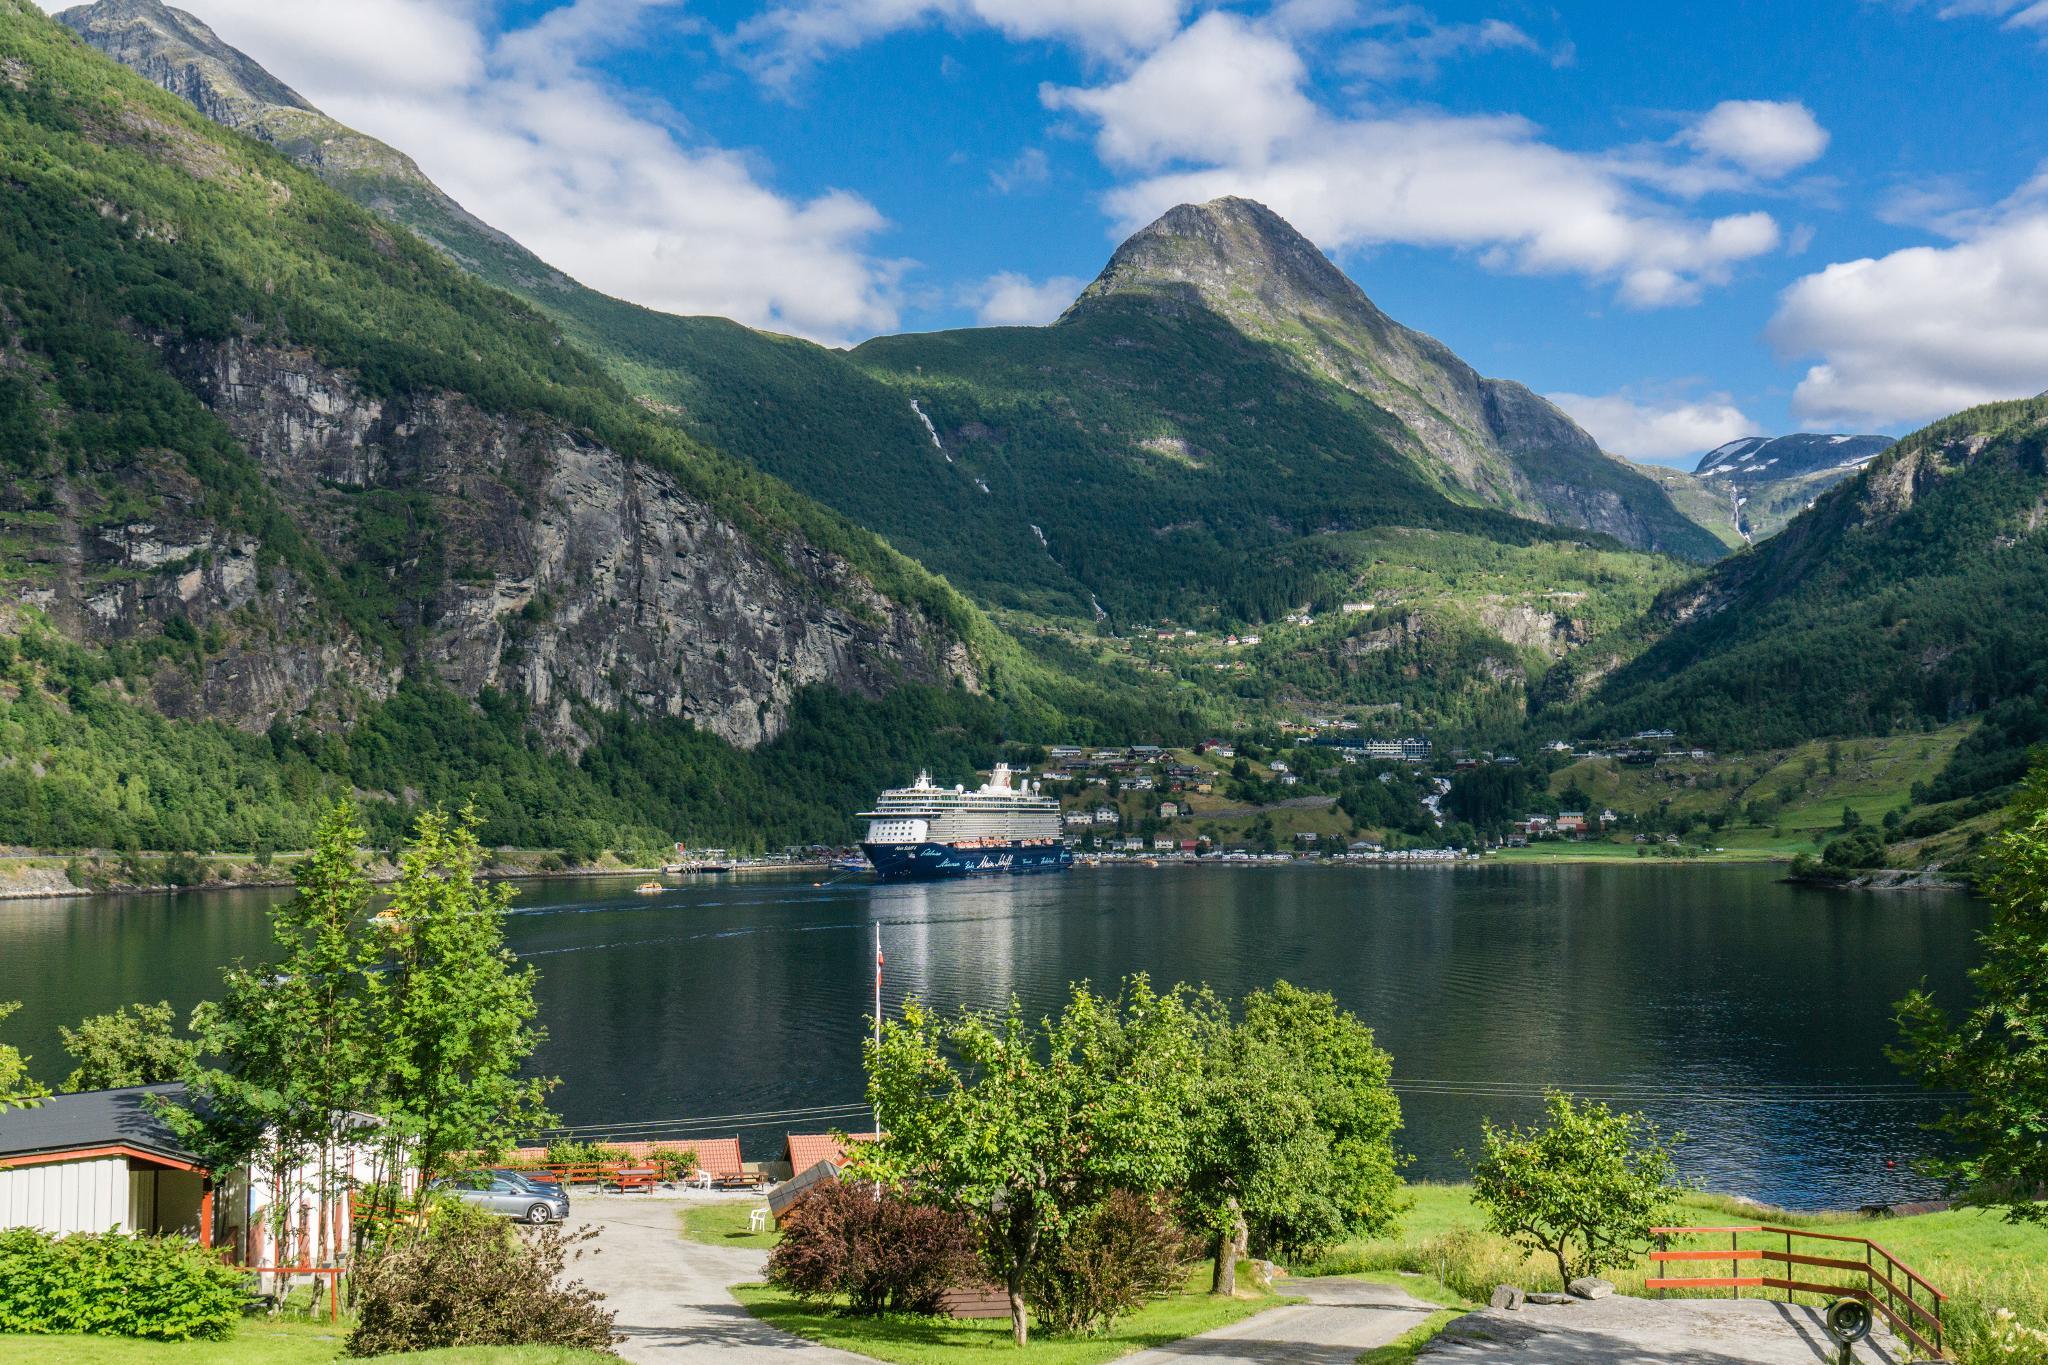 【北歐景點】Ørnesvingen 老鷹之路 ∣ 挪威世界遺產 — 蓋倫格峽灣景點總整理 20